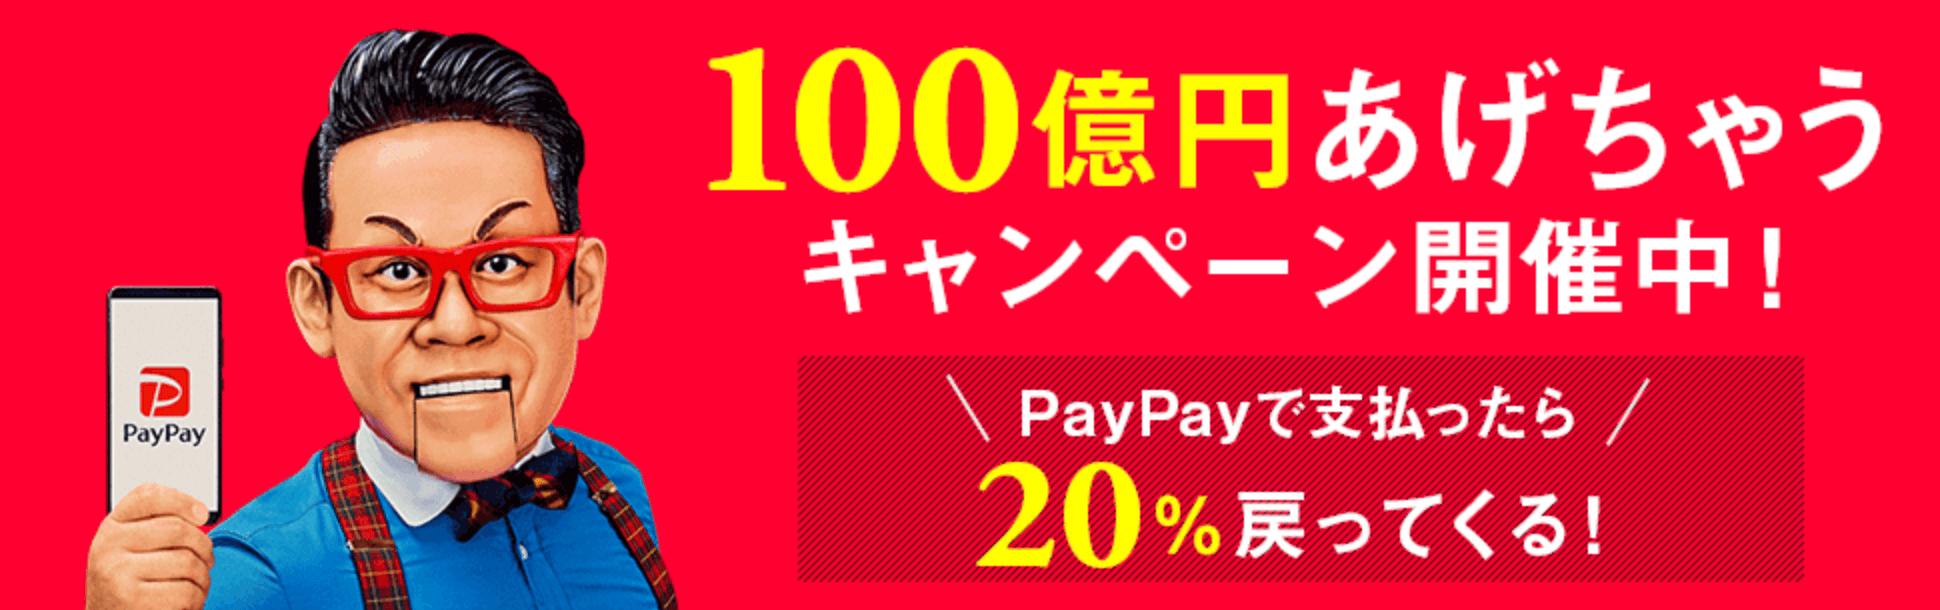 paypay 20%還元 ビックカメラ